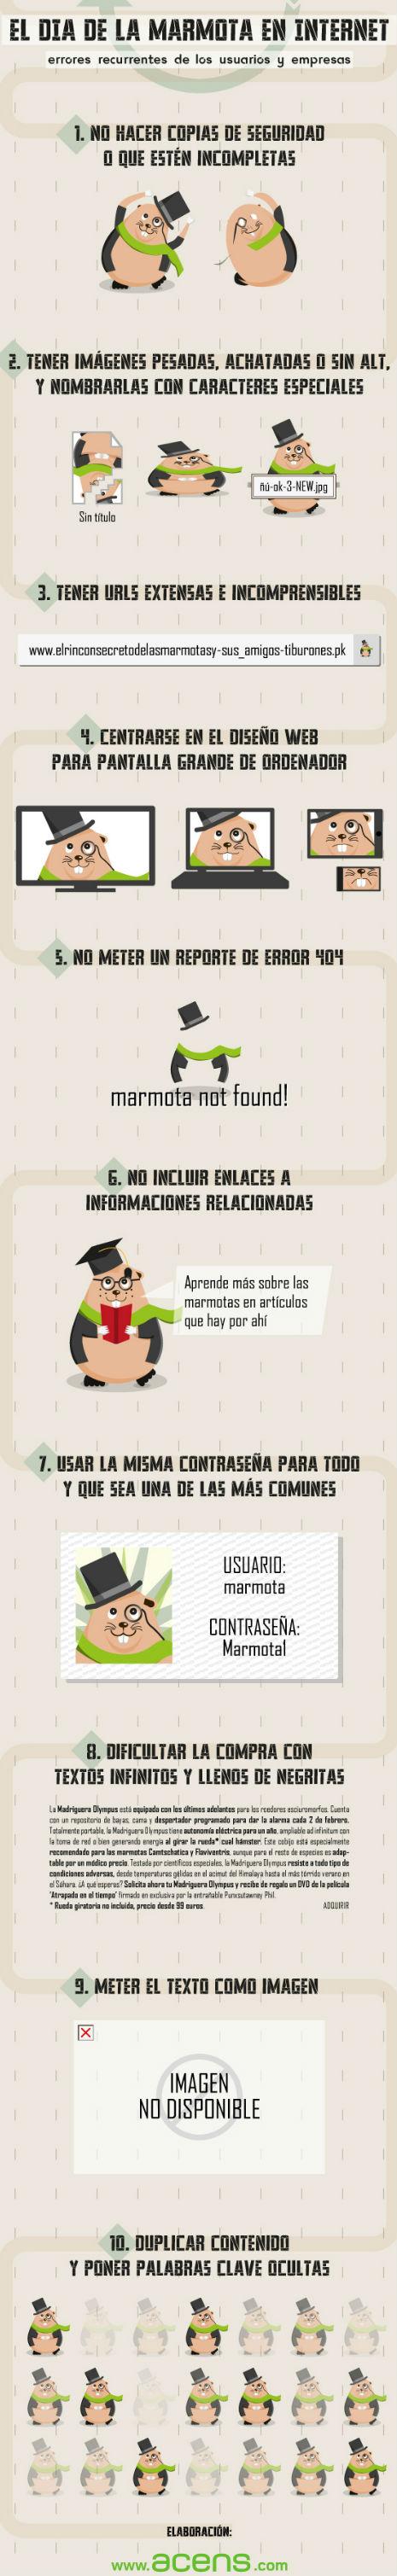 30enero_infografia-dia-de-la-marmota